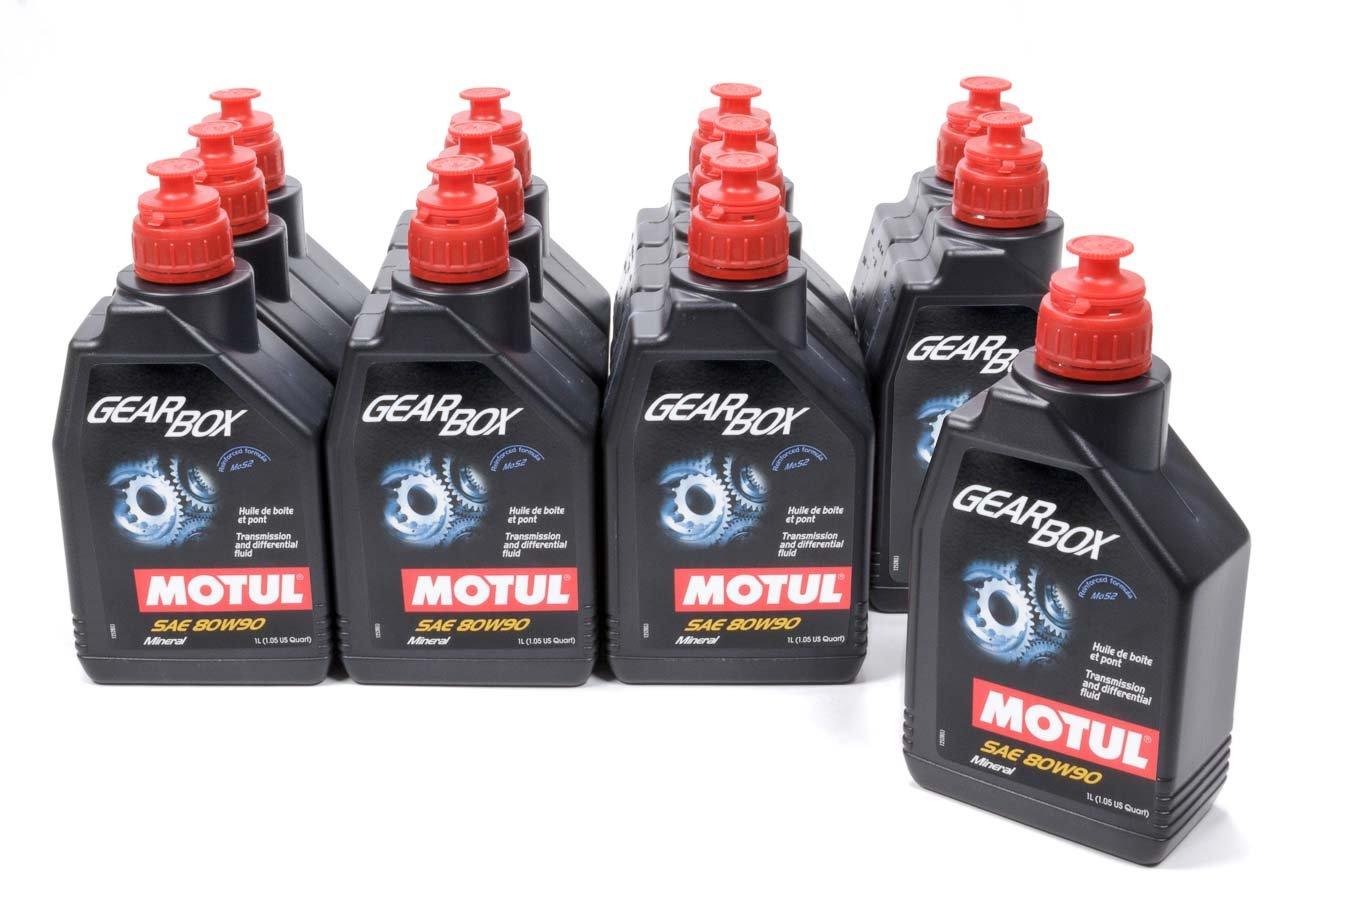 Motul 105787 80W90 Gearbox Oil, 12 l, 1 Pack by Motul